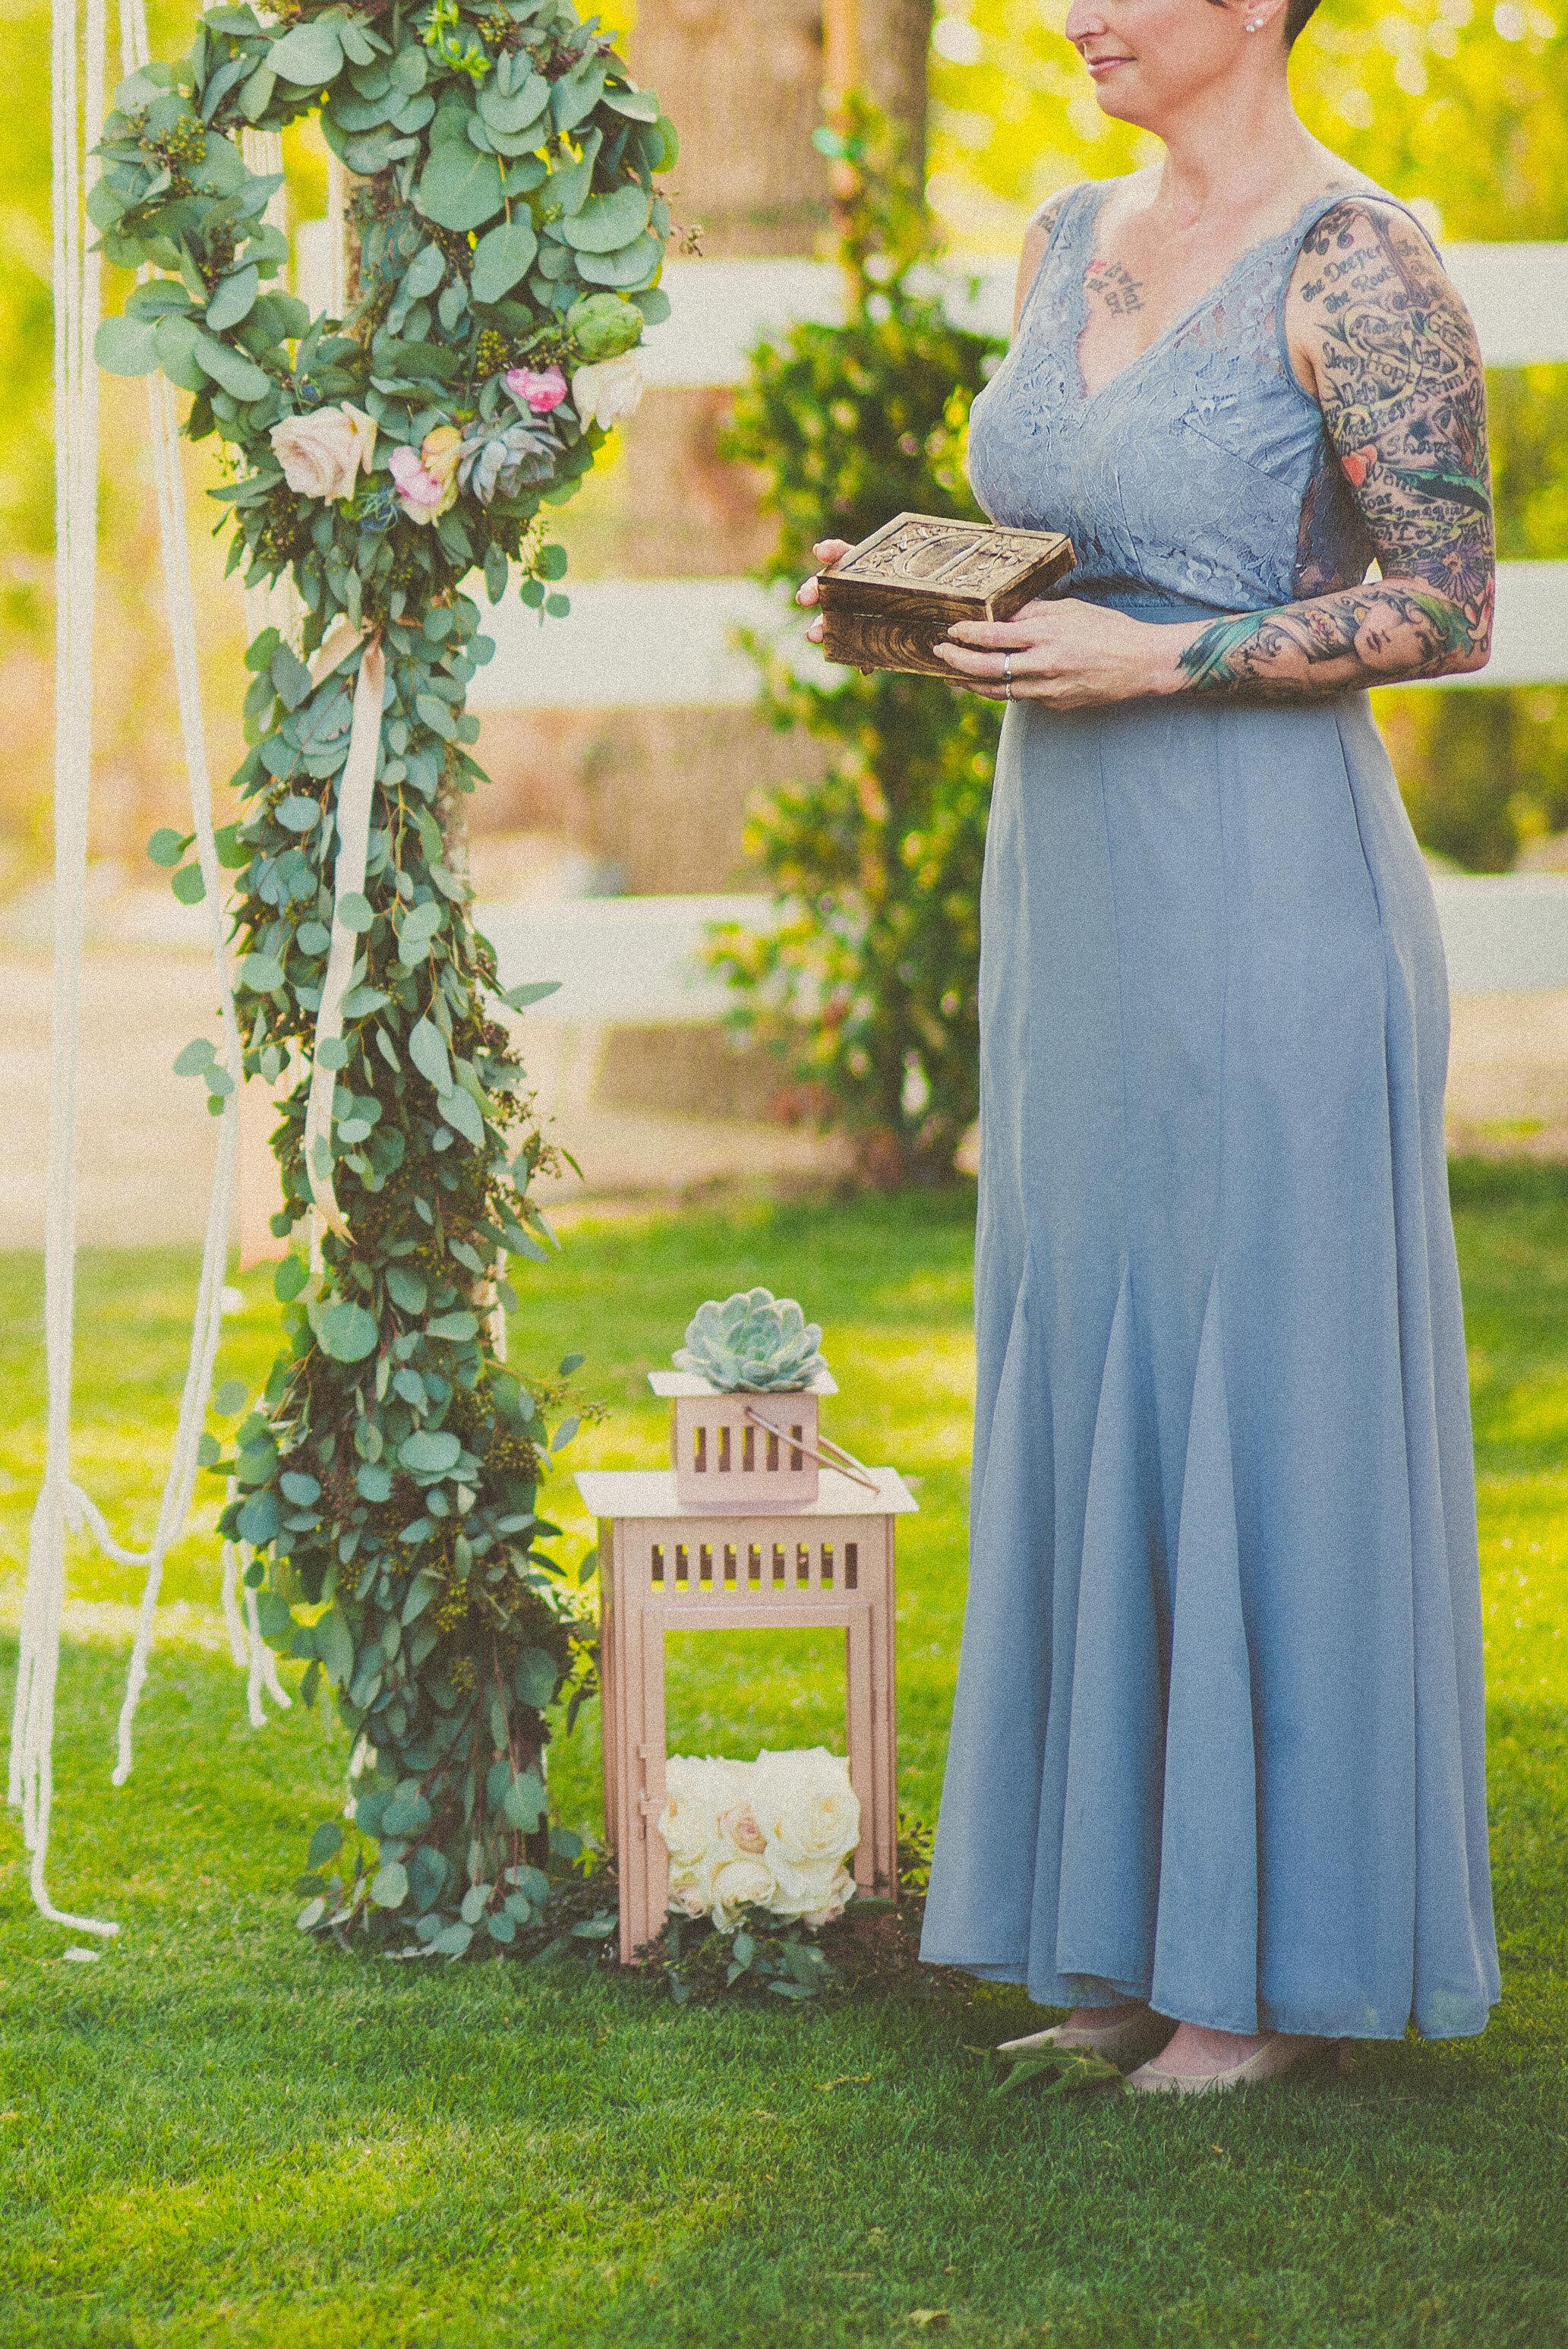 Demiglio Wedding - Ceremony-65.jpg